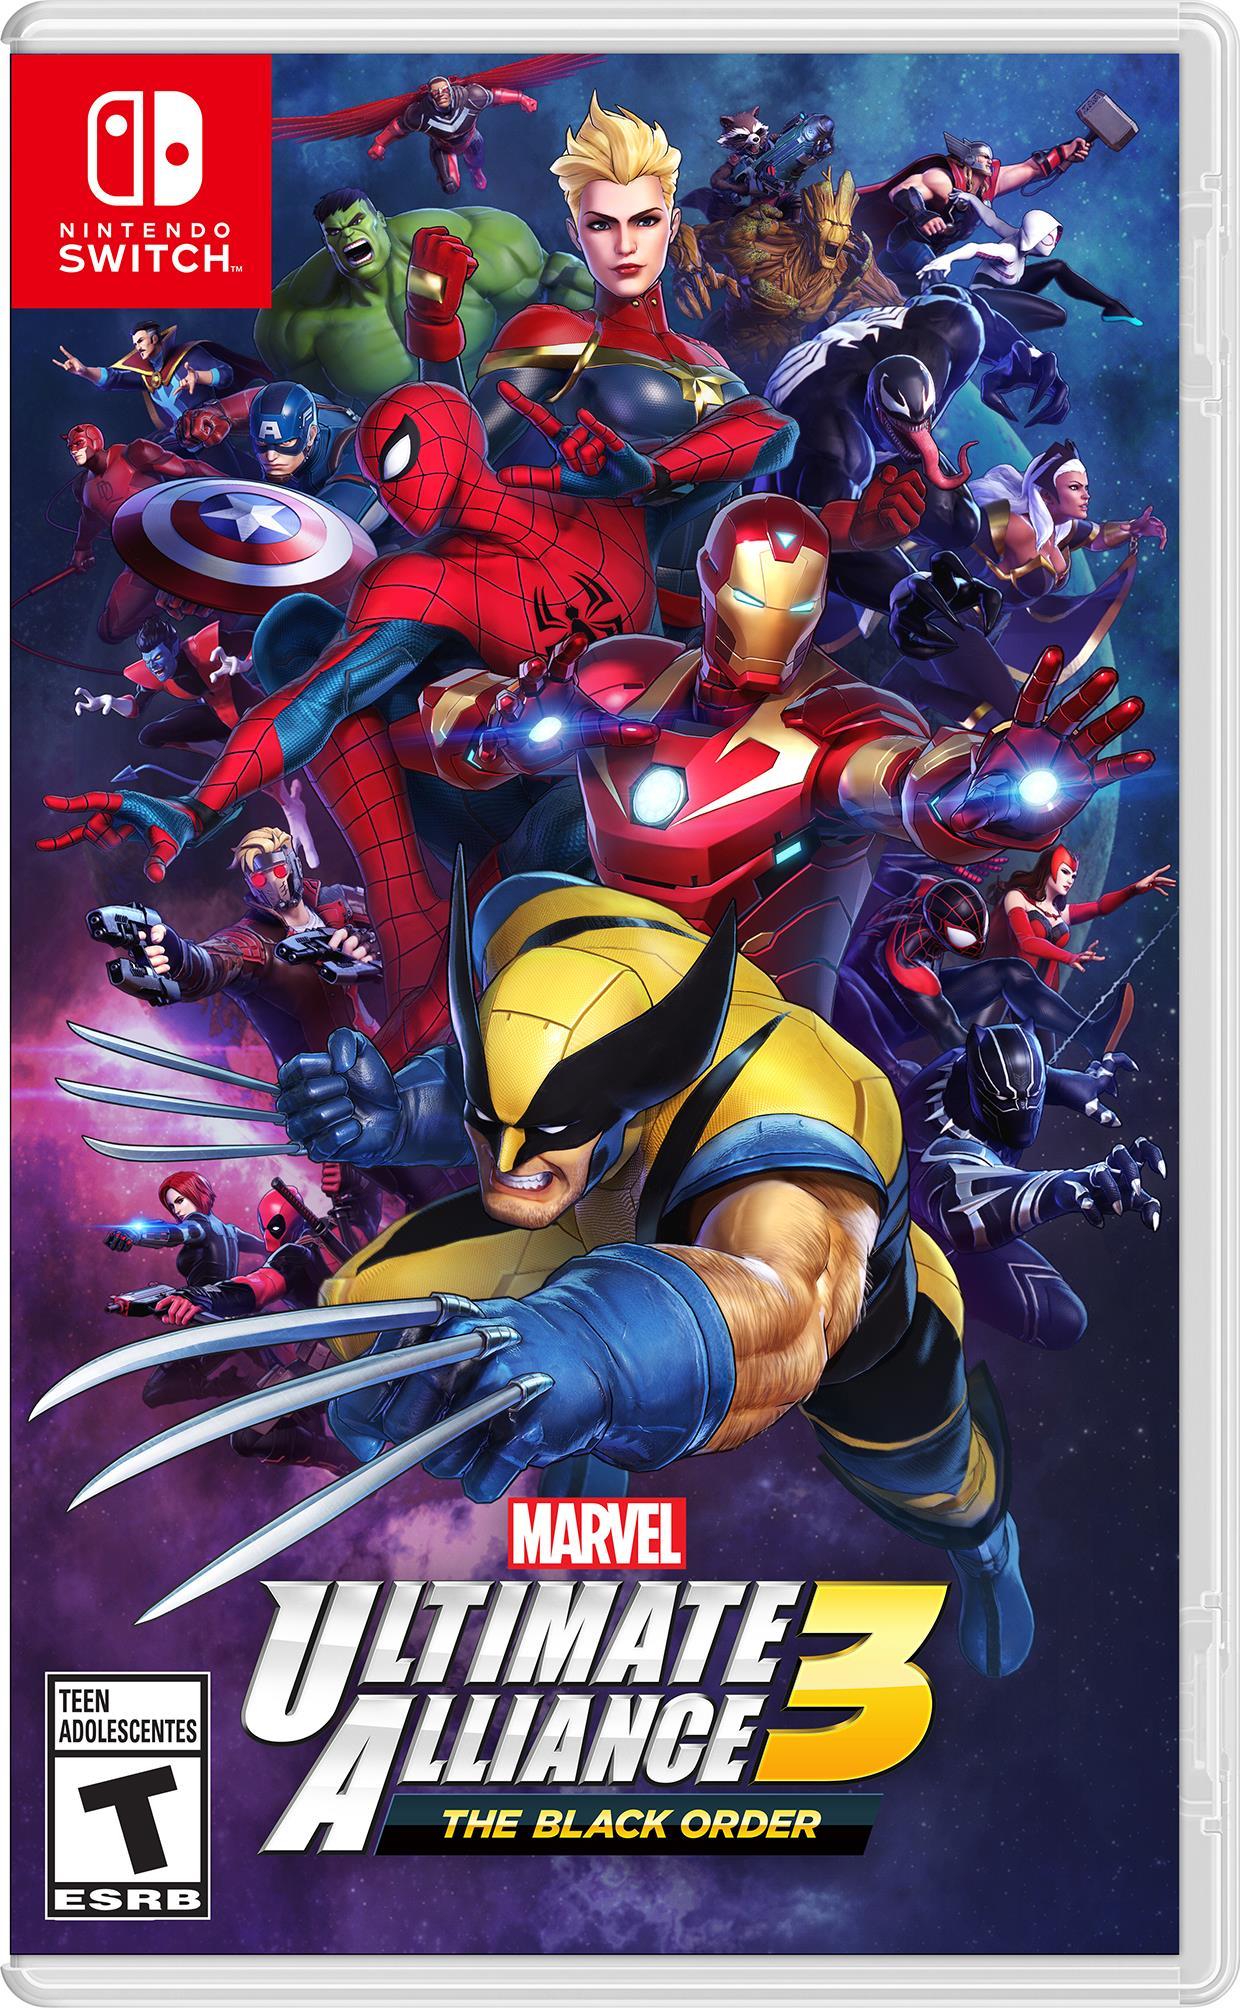 Marvel: Ultimate Alliance 3 | Marvel: Ultimate Alliance Wiki